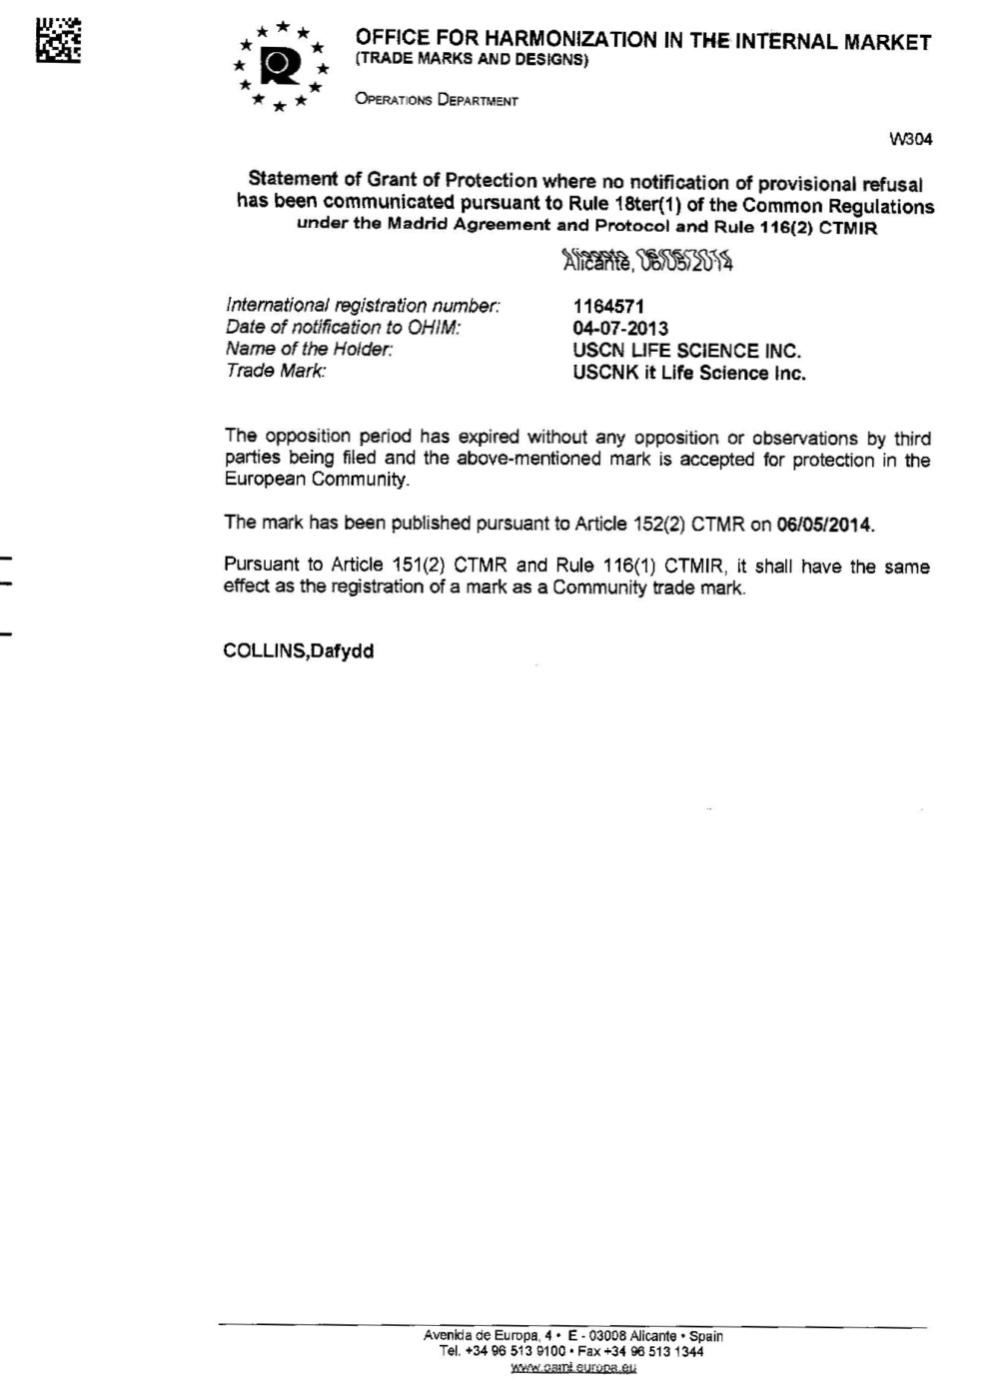 USCNK欧盟商标《授权保护通知书》